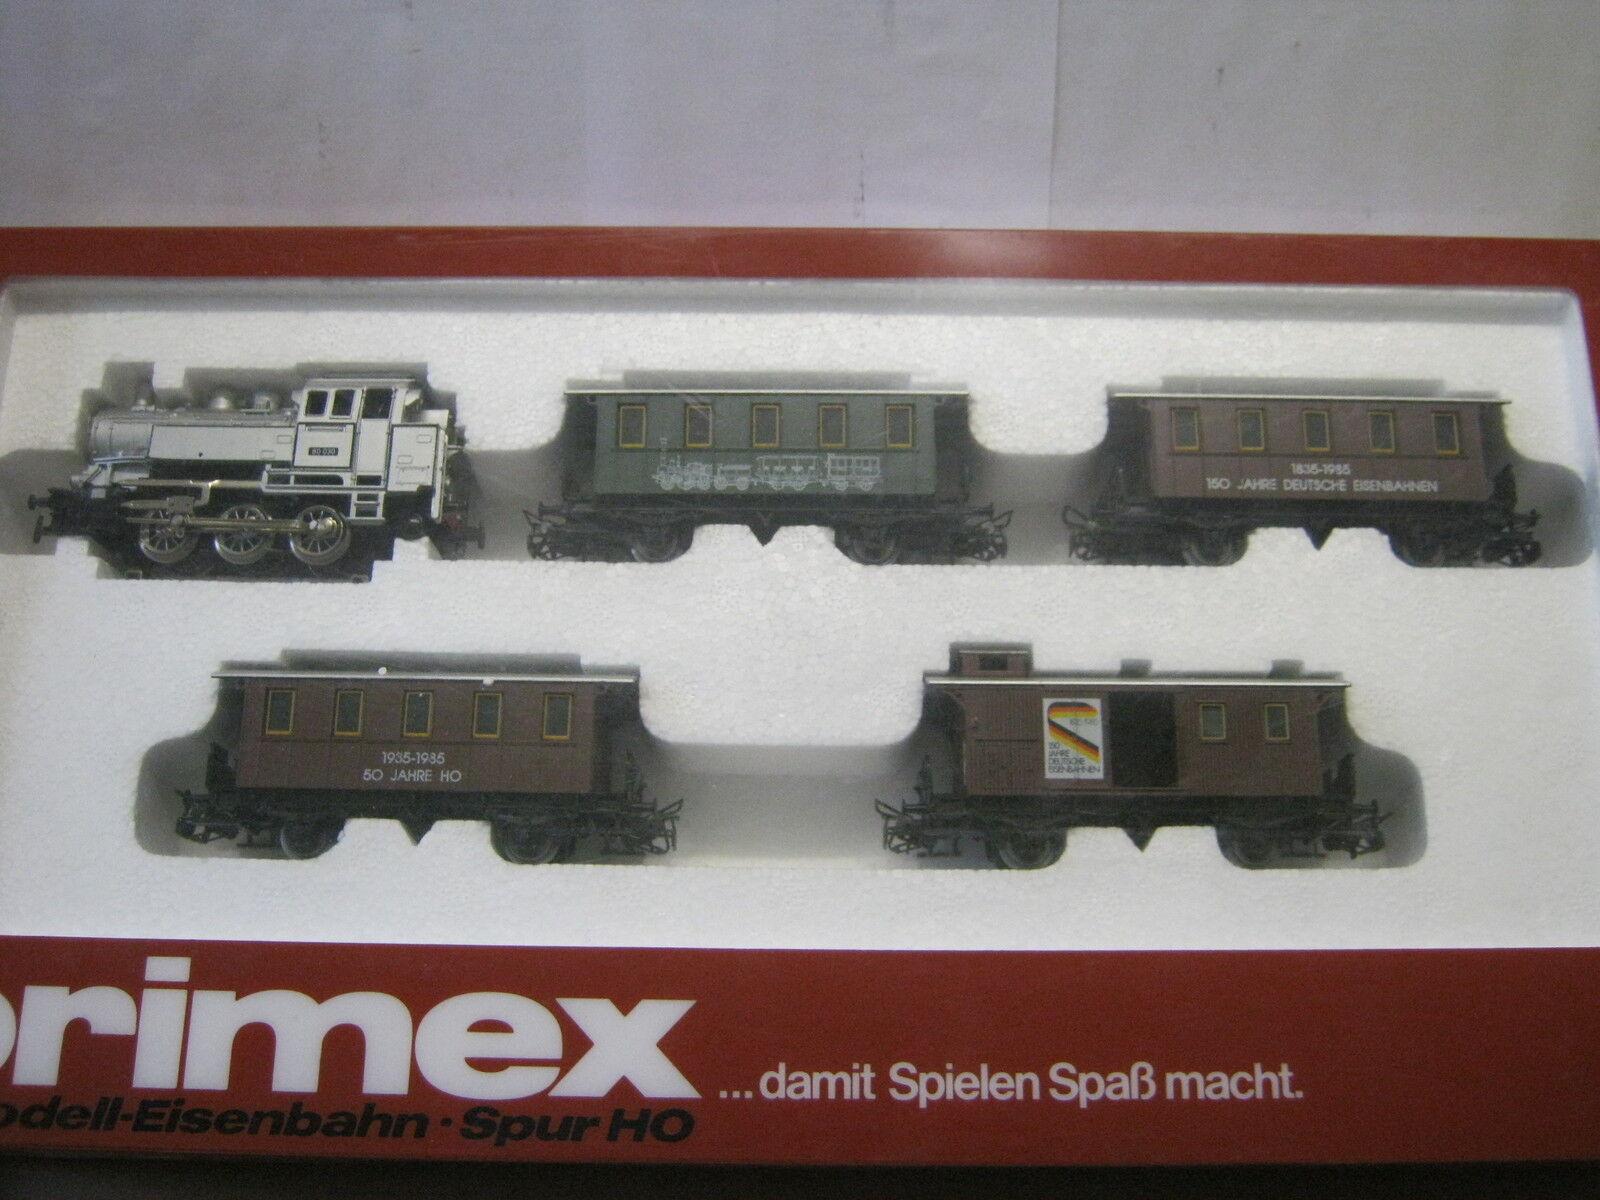 Marklin PRIMEX ho 2750 treno Set 150 anni ferrovie tedesche (rg rj 022-48s1 5)